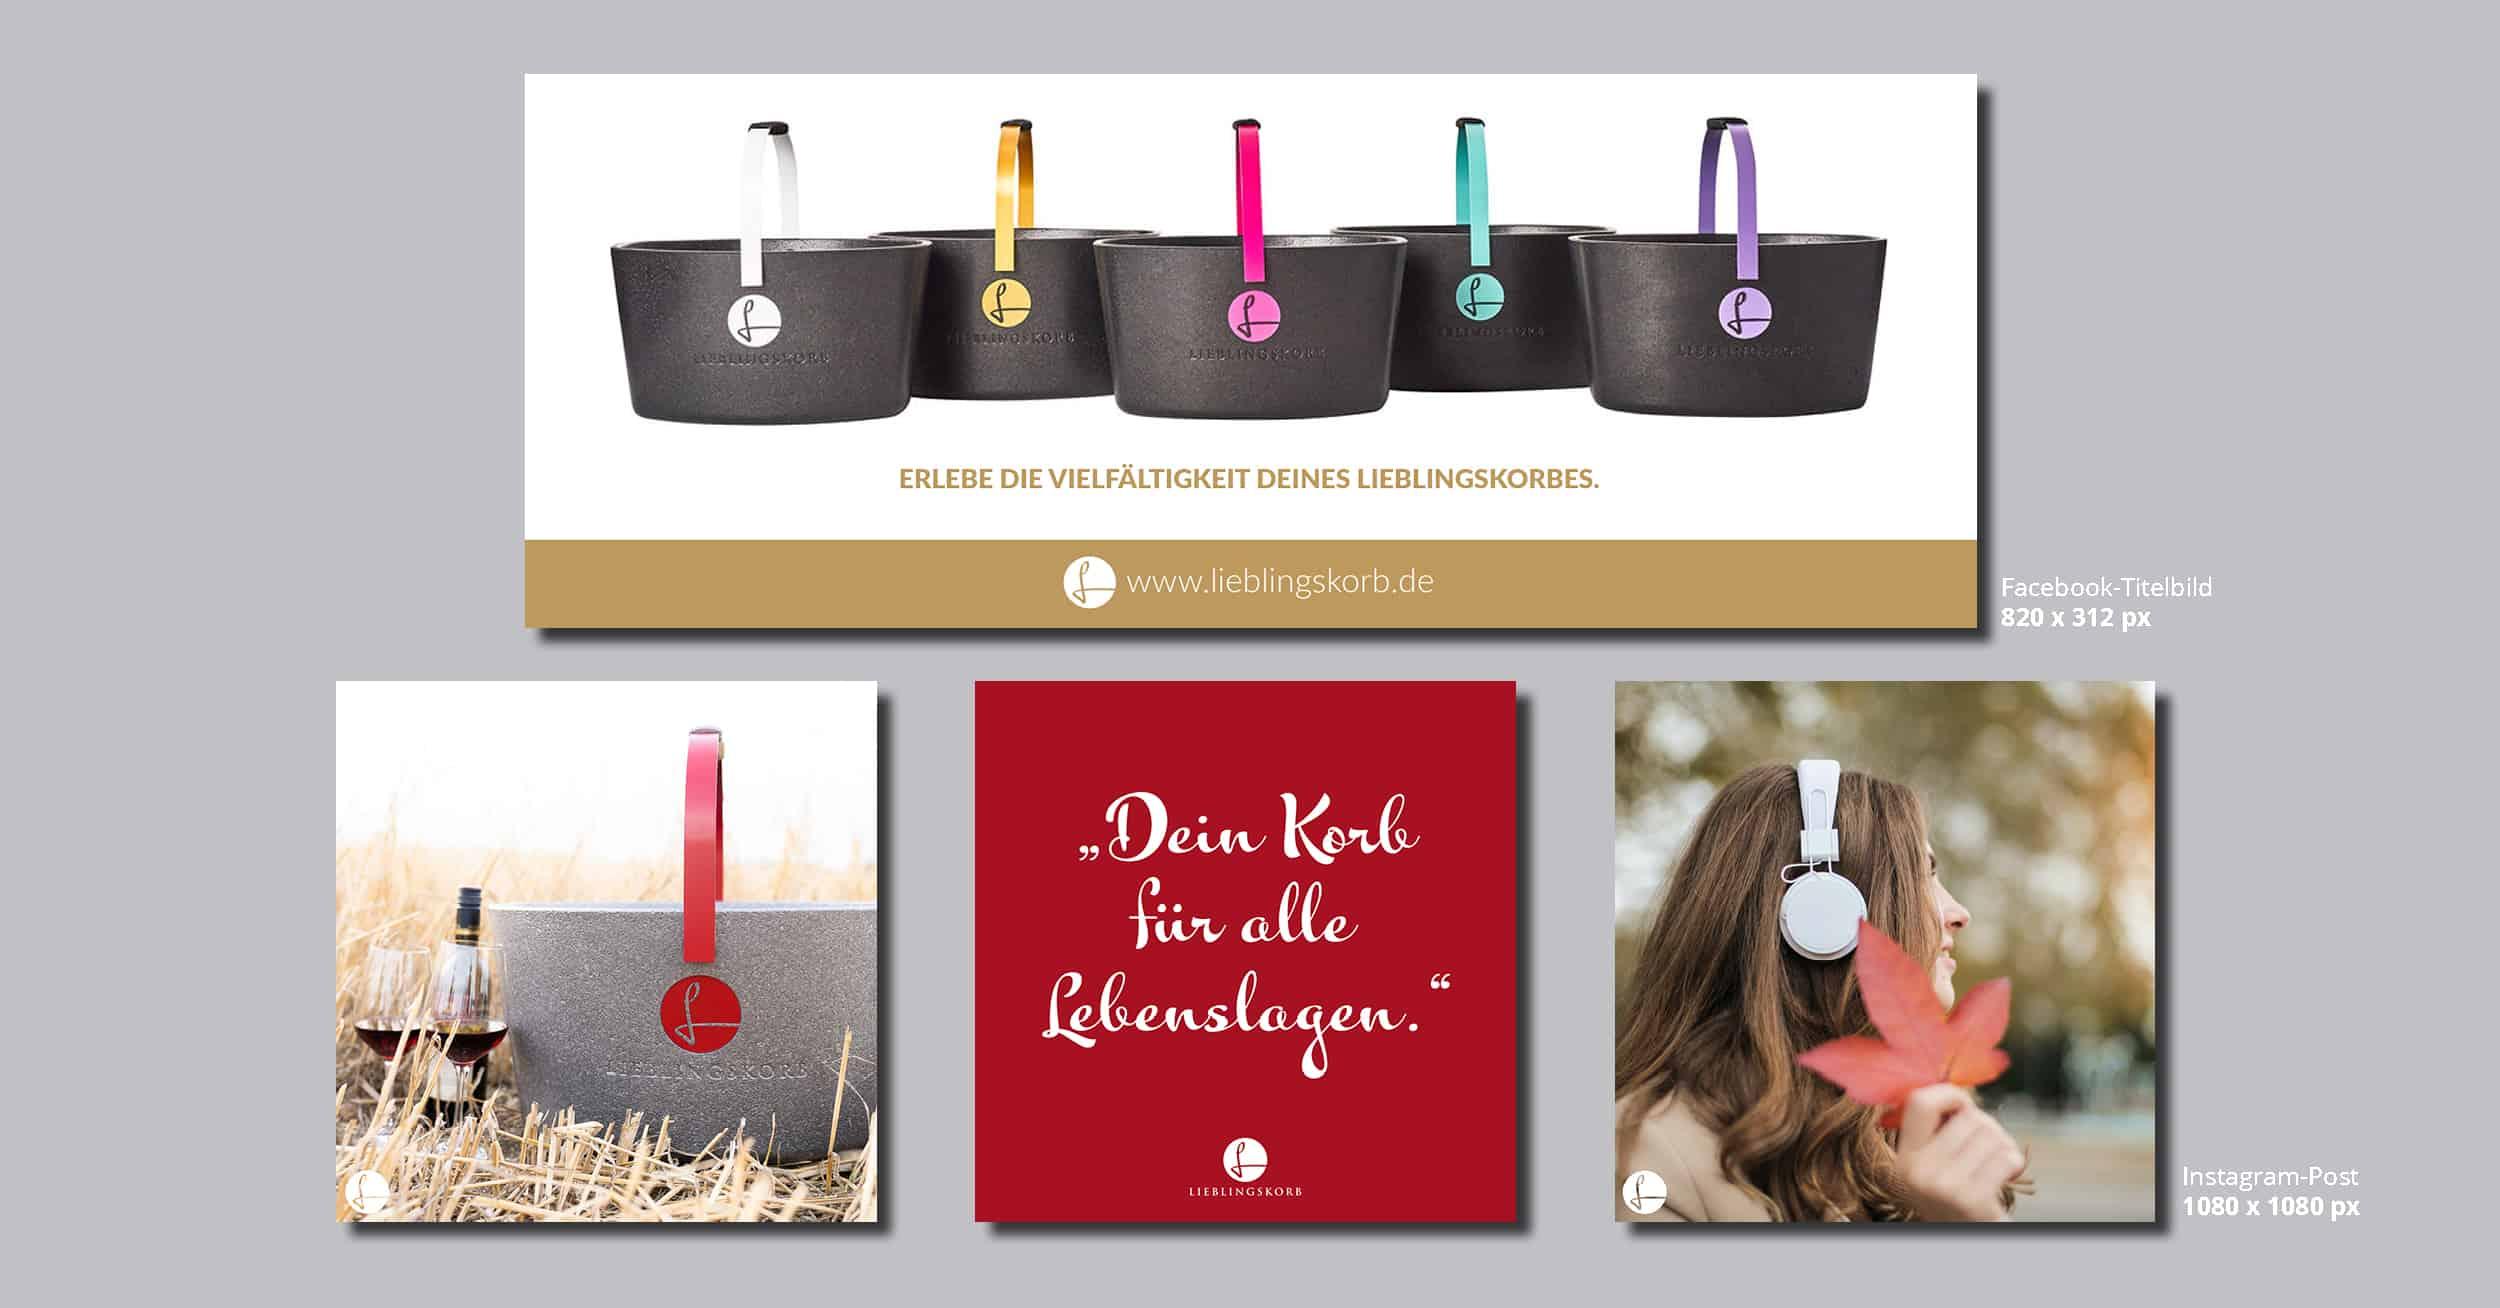 Neckarglück X Lieblingskorb